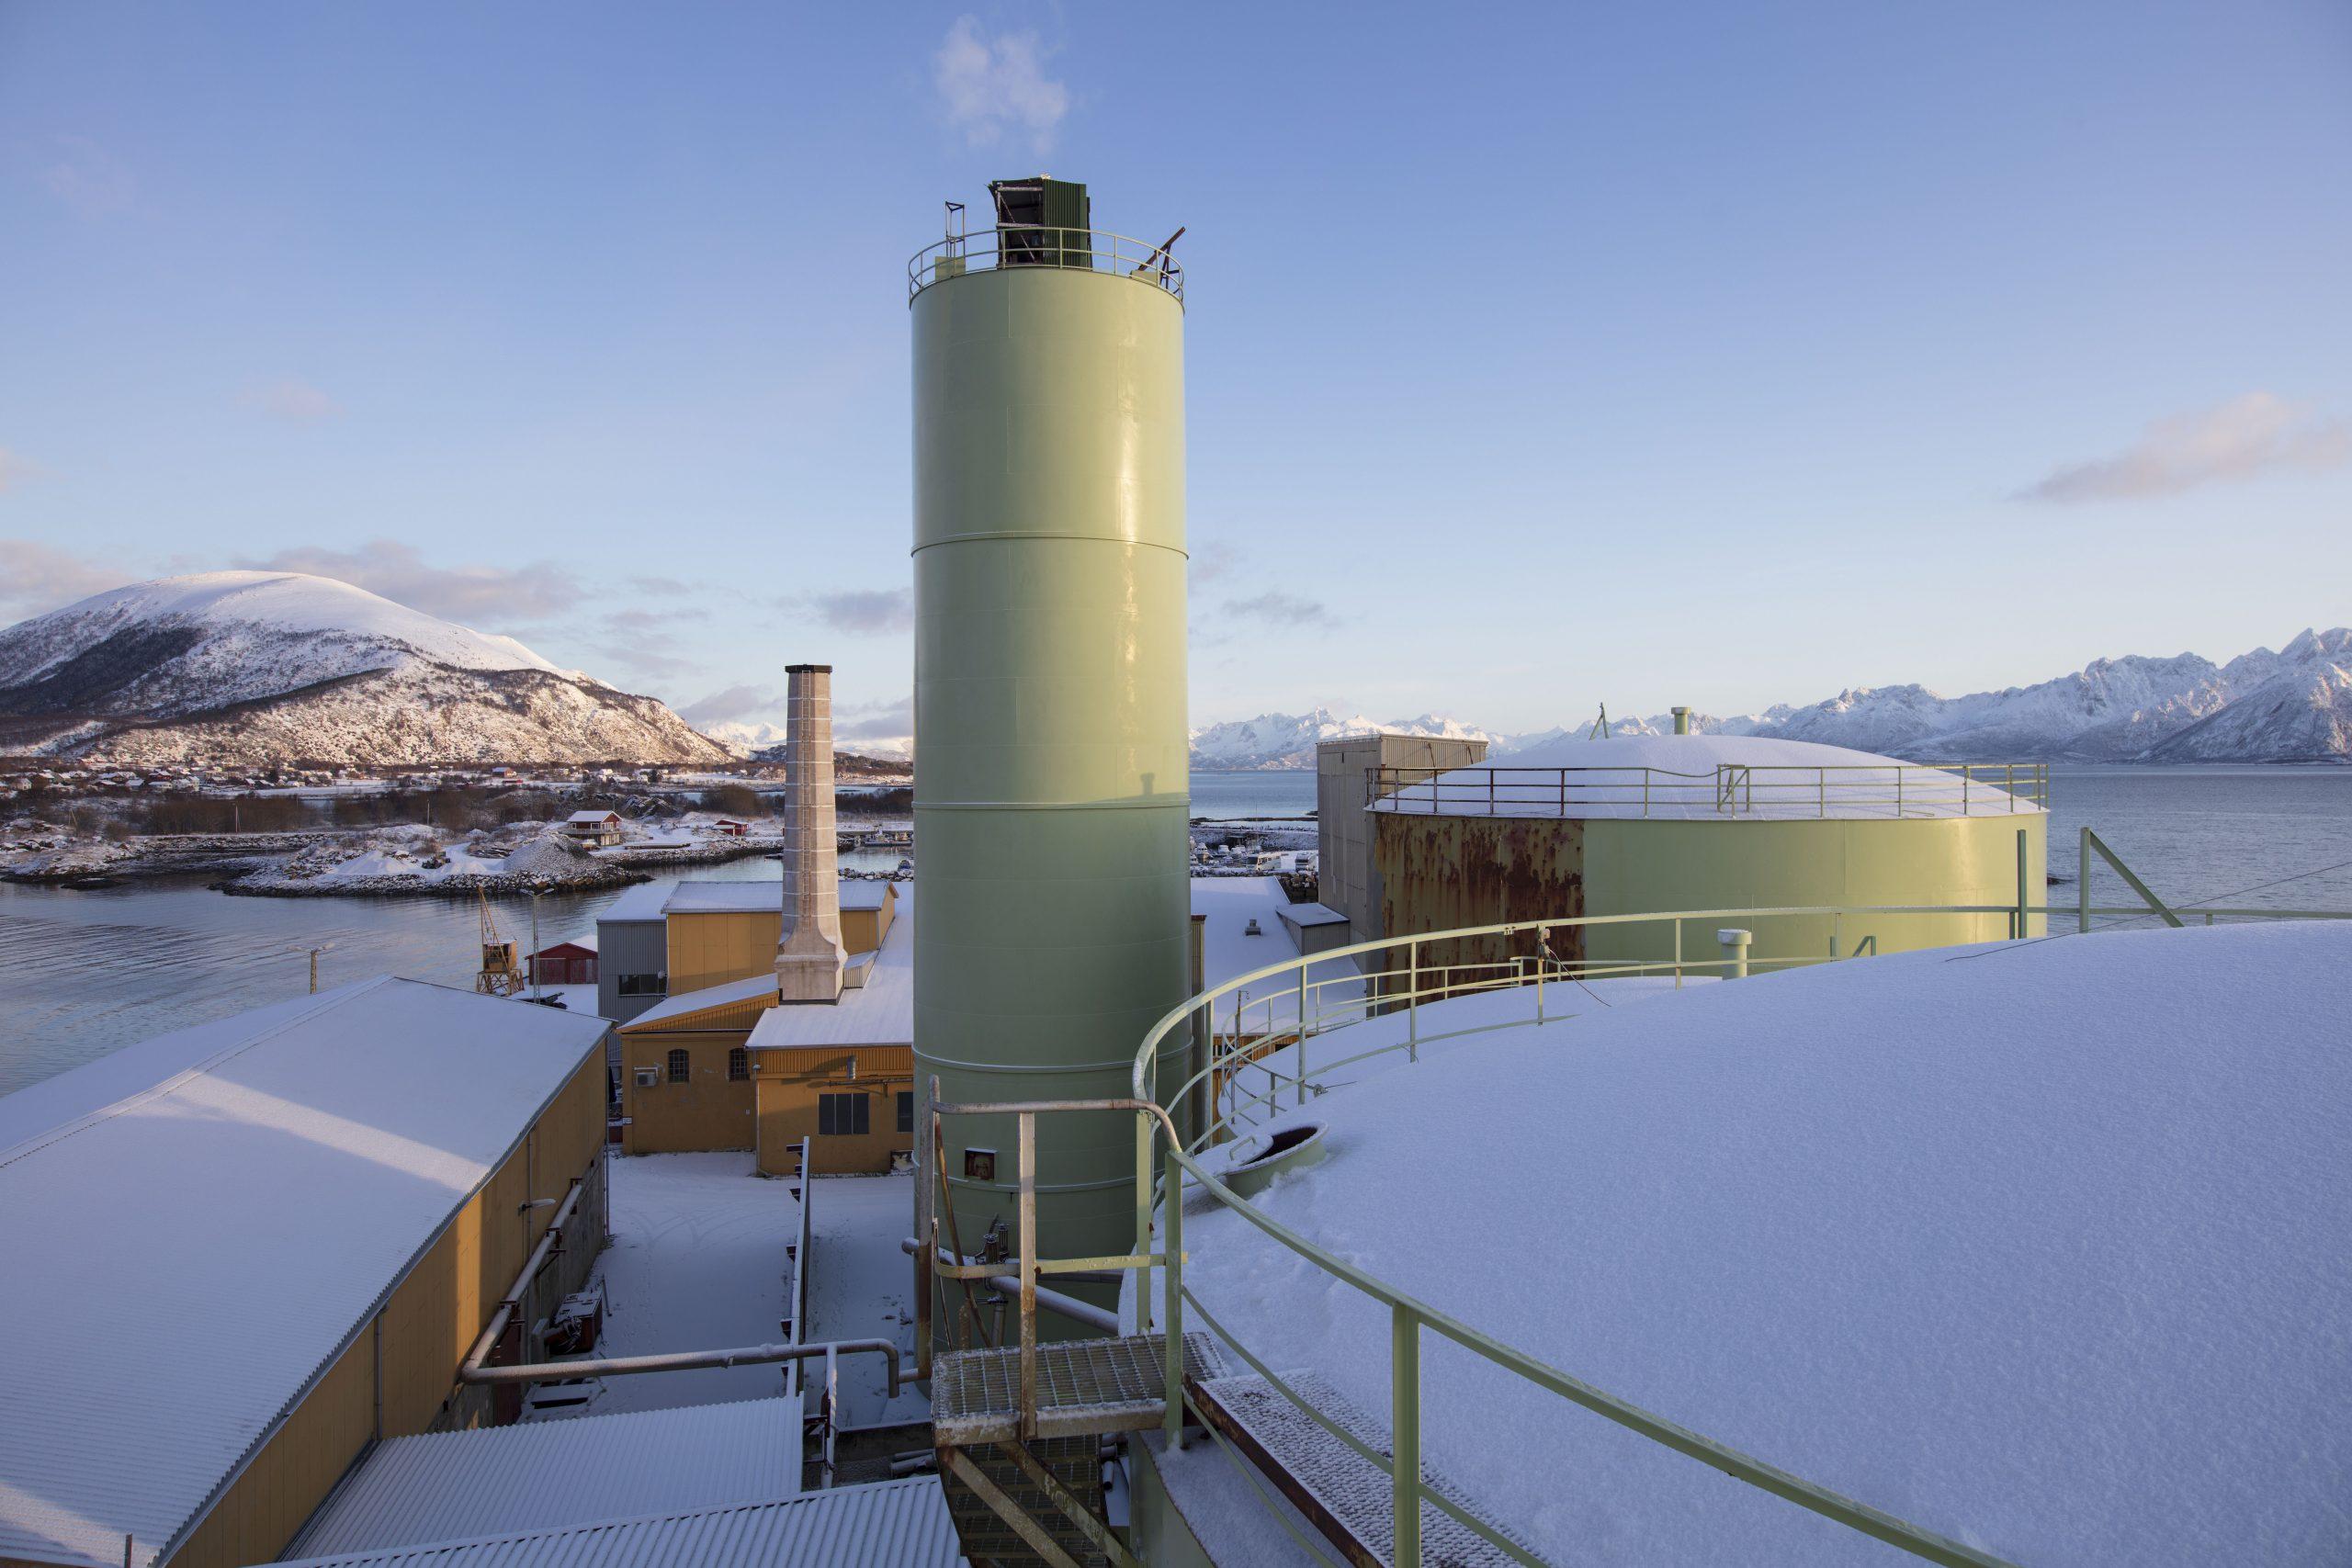 Bilde av syklontårnene til sildeoljefabrikken. Fotograf er Trond Isaksen